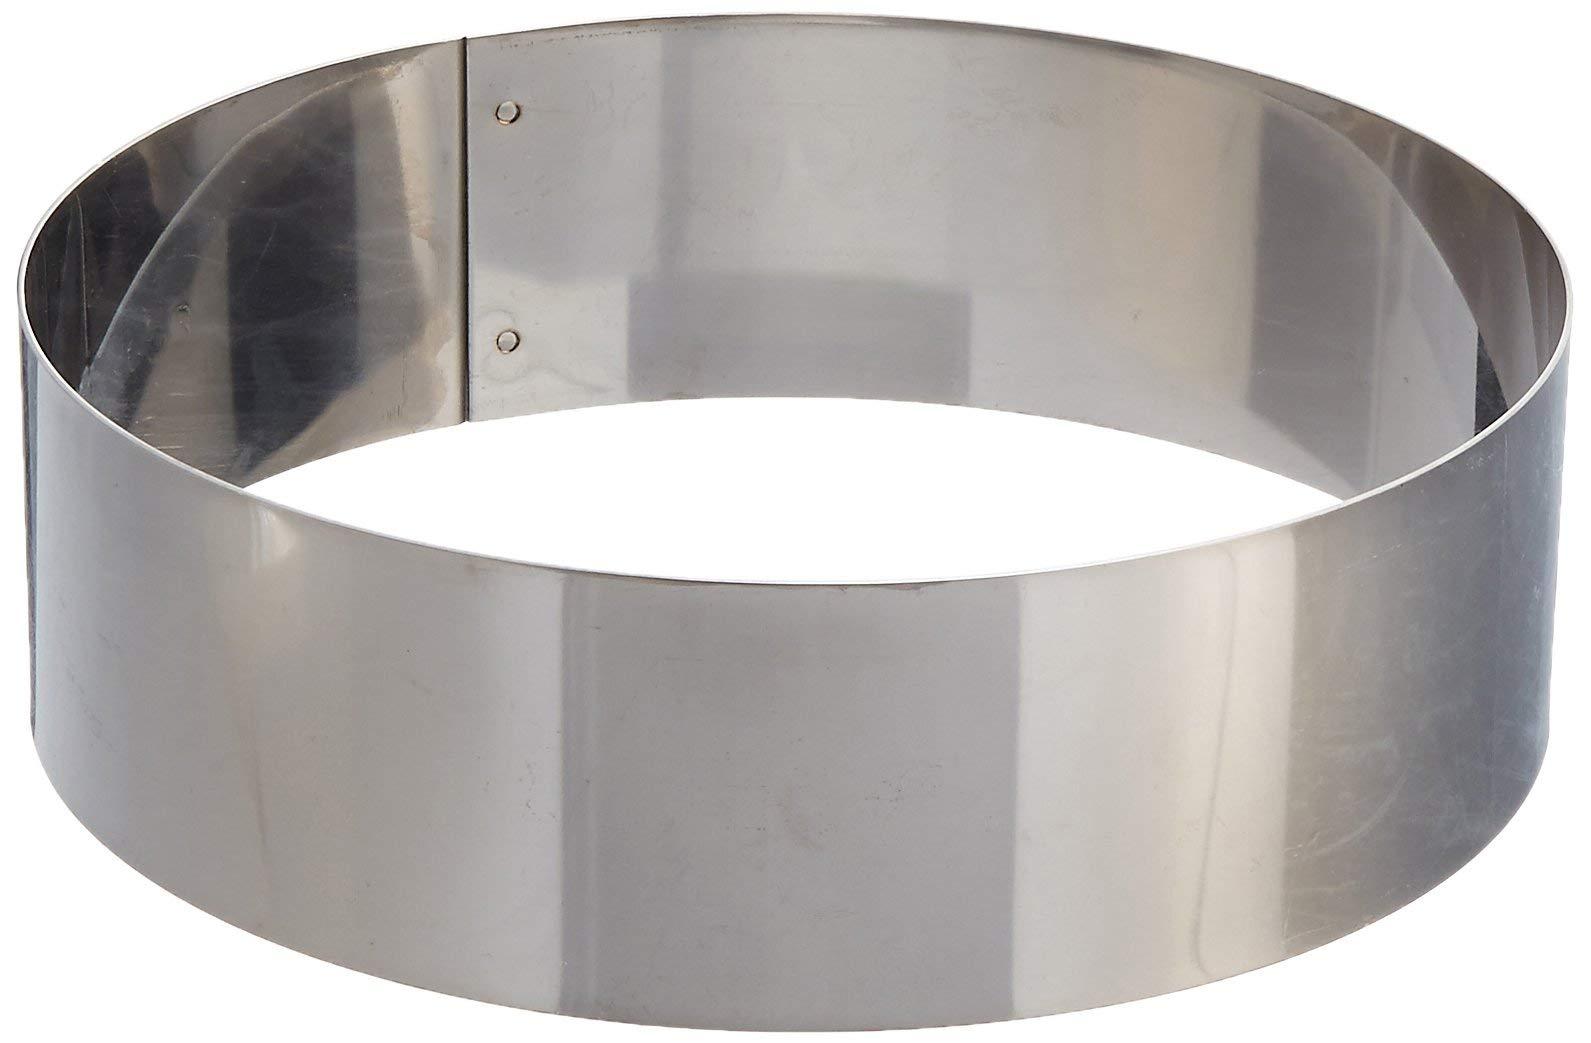 Matfer Bourgeat 371805 Ice Cake Ring, Silver